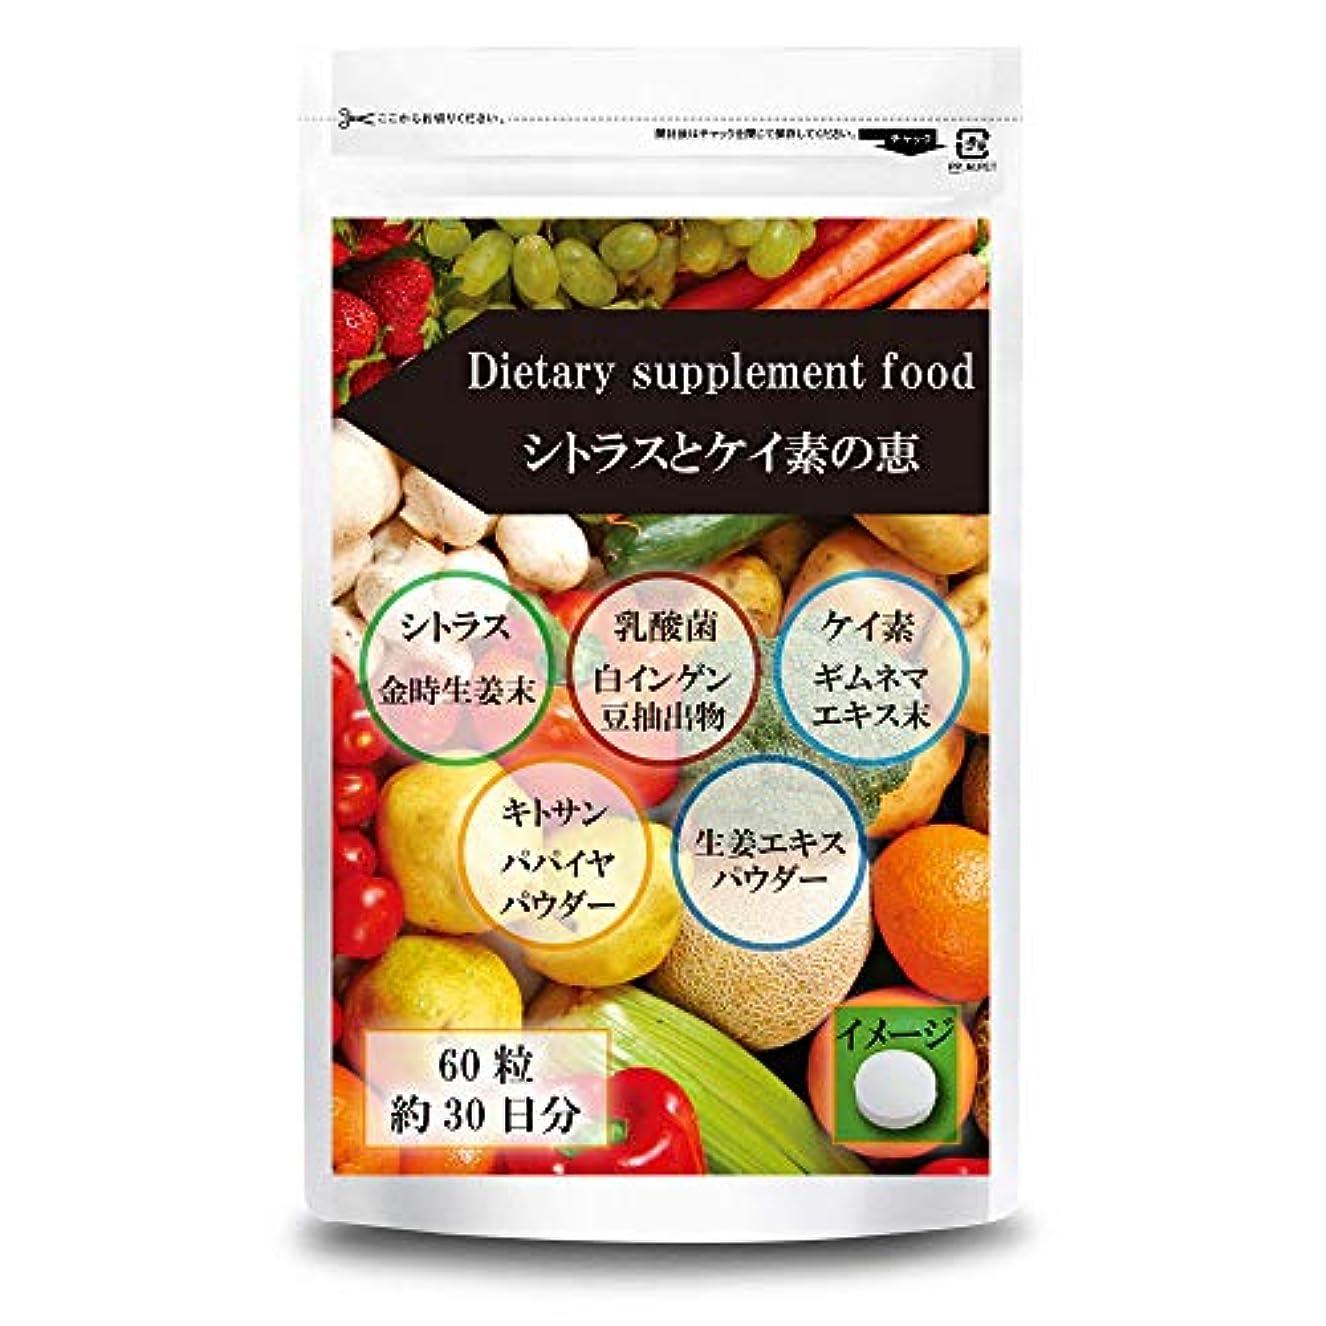 休暇ドライブレンダーシトラスとケイ素の恵 トータルサポート ダイエット サプリメント 【60粒約30日分】